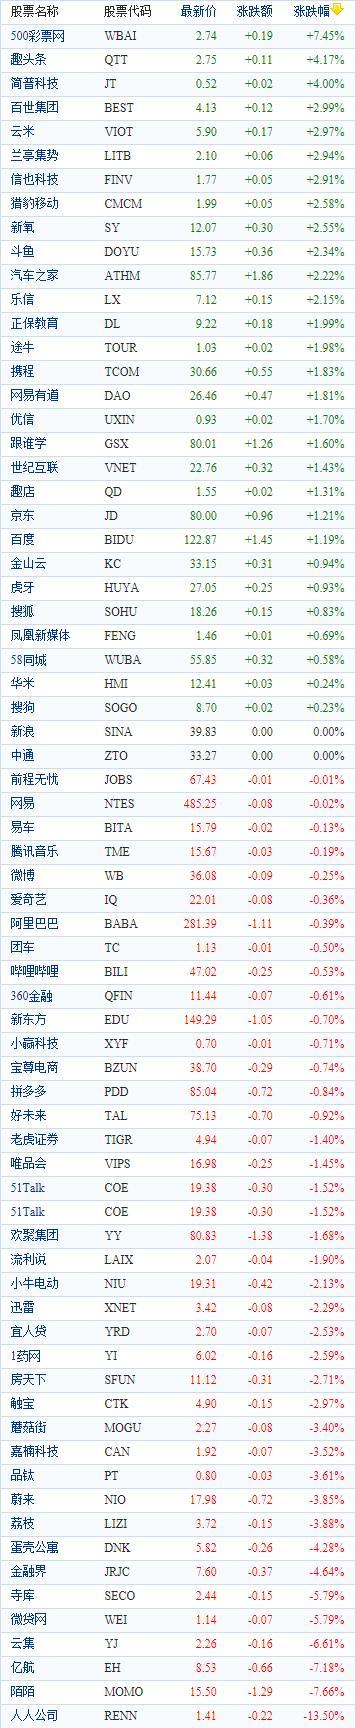 中国概念股周五收盘涨跌互现 人人网重挫逾13%